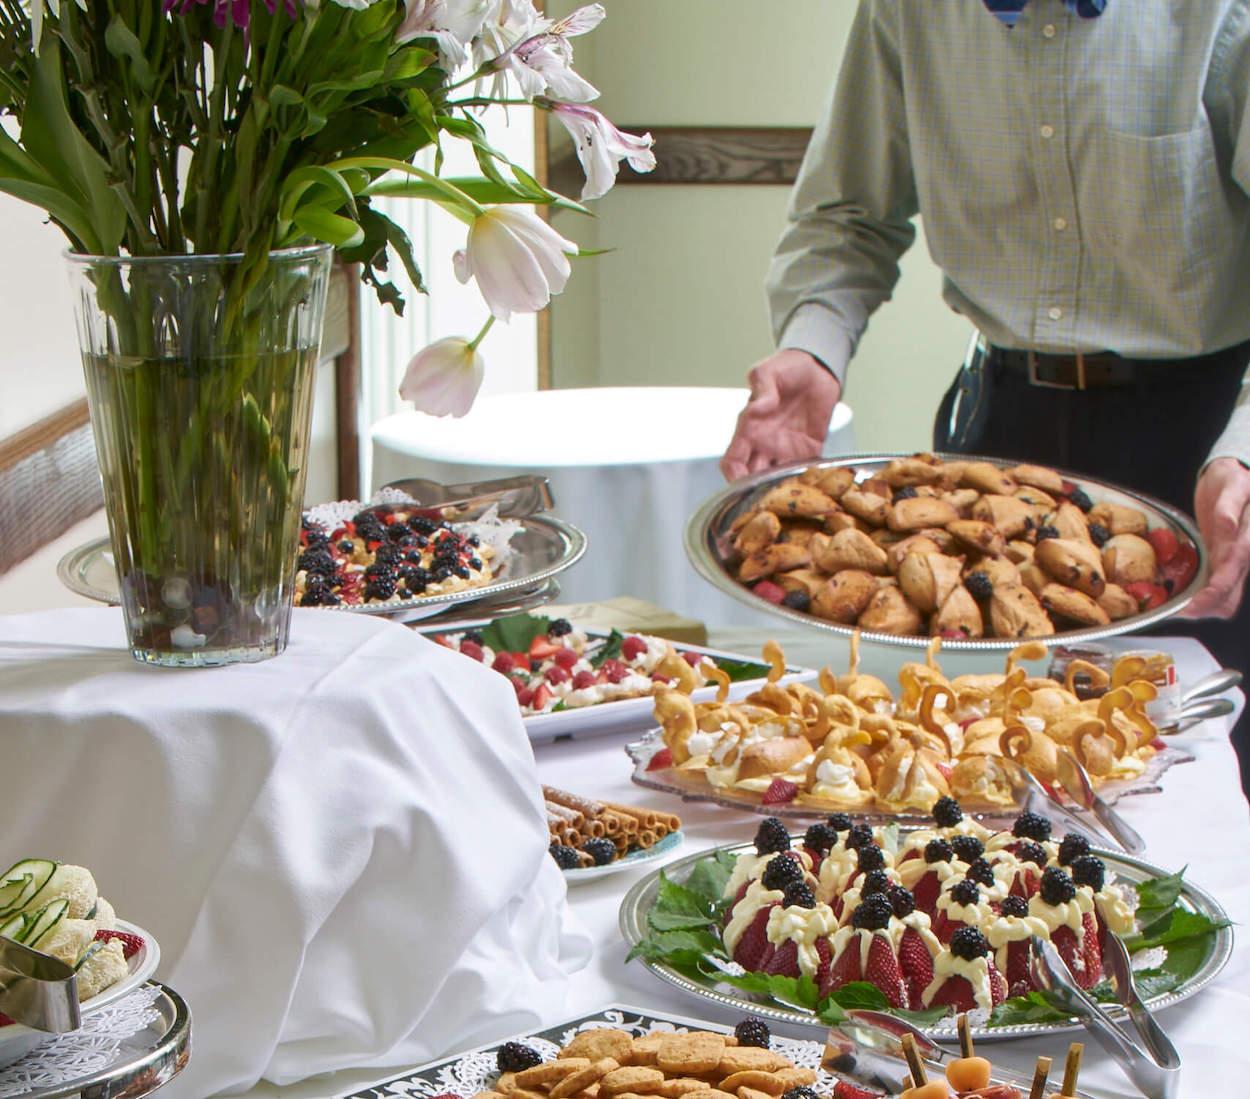 Chef Jody preparing food at the Courtyard at Carolina Meadows